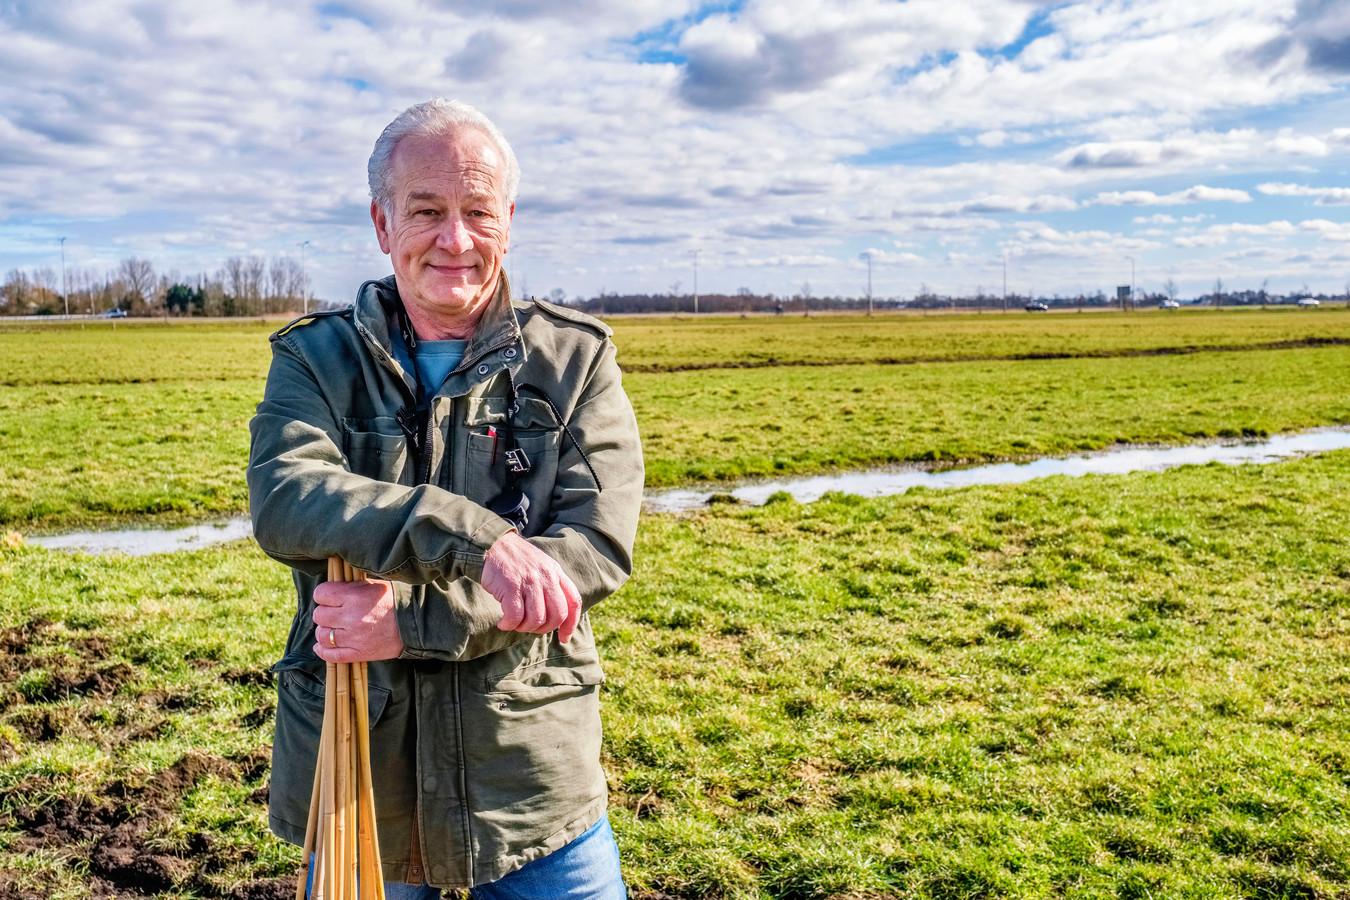 Otwin Nonnekes vond op deze plek bij Vinkeveen het eerste kievietsei. We blijven op afstand om de weidevogels niet te verstoren.